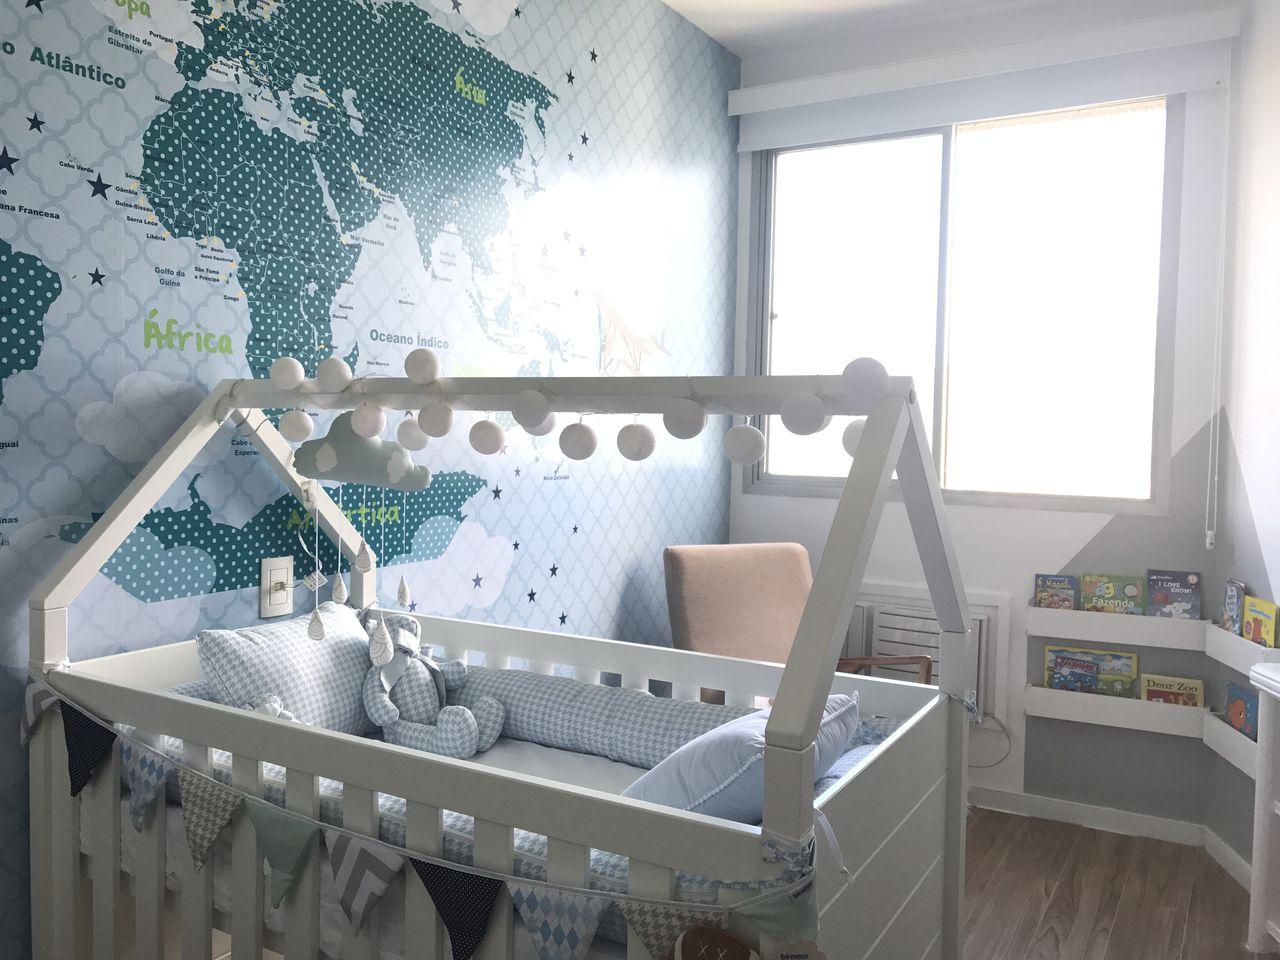 Quarto Beb Com Mapa Mundi Azul E Ber O Branco De Arqexpress